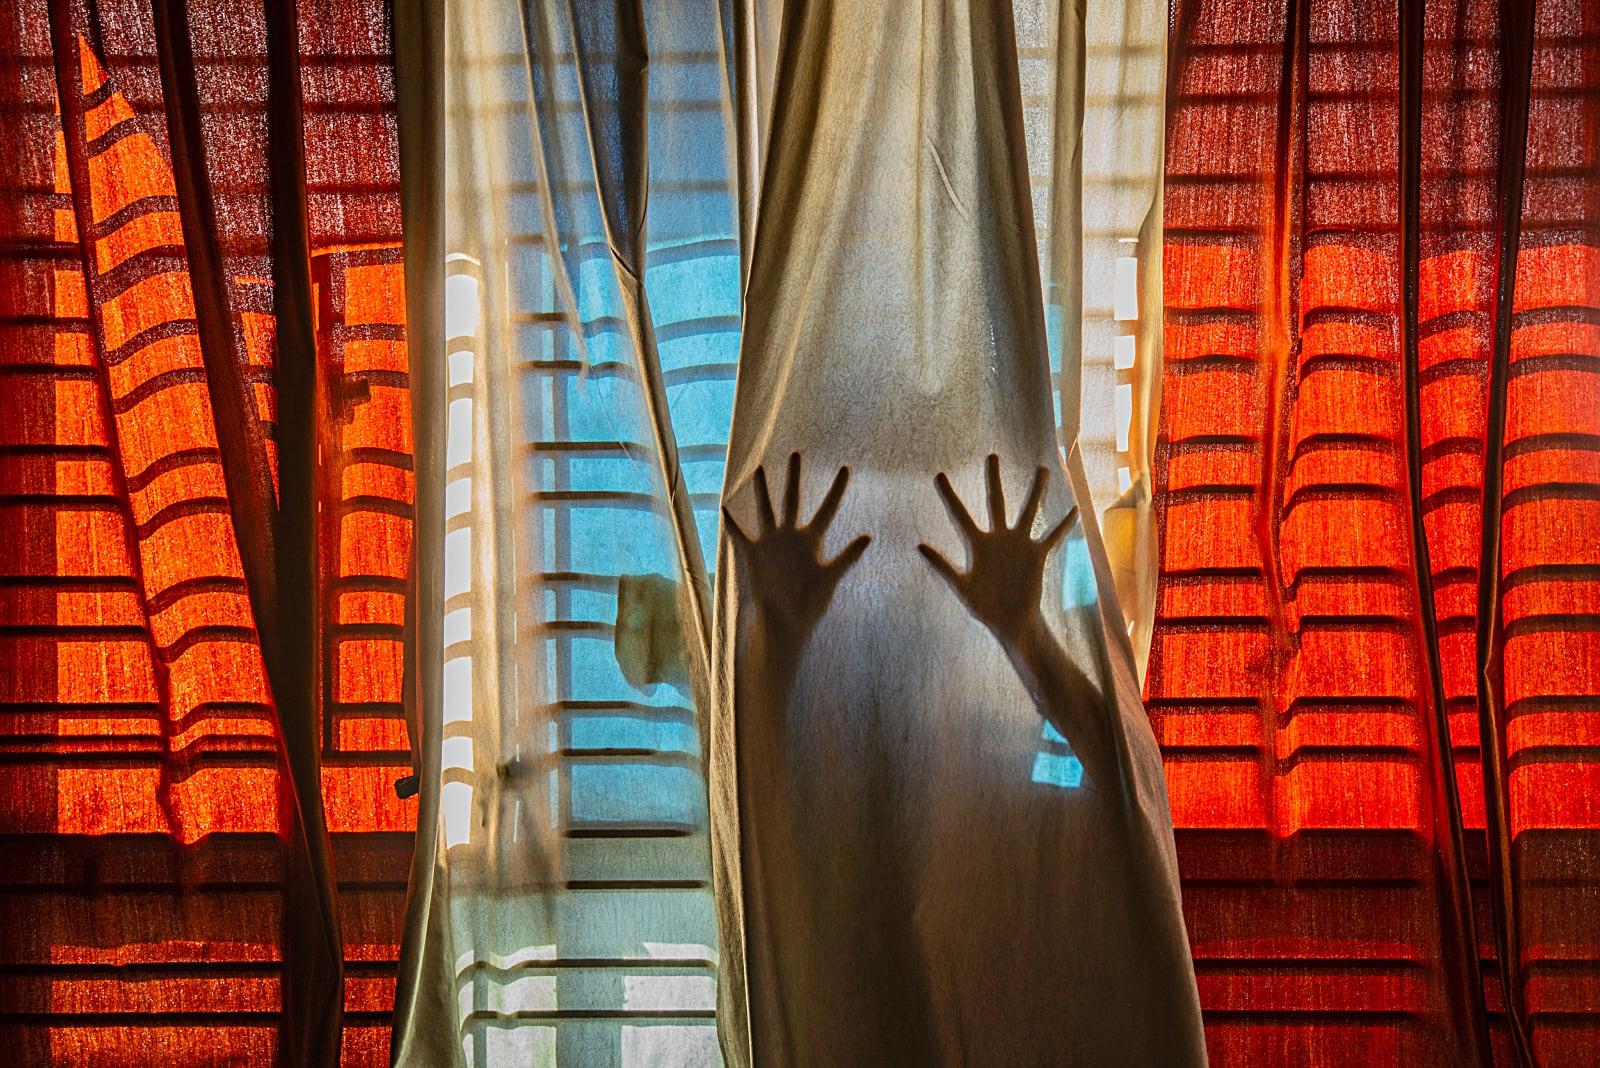 foto: © Pubarun Basu, India, Shortlist, Youth, Composition and Design, 2021 Sony World Photography Awards - Van achter de gordijnen probeert een paar handen door te breken,